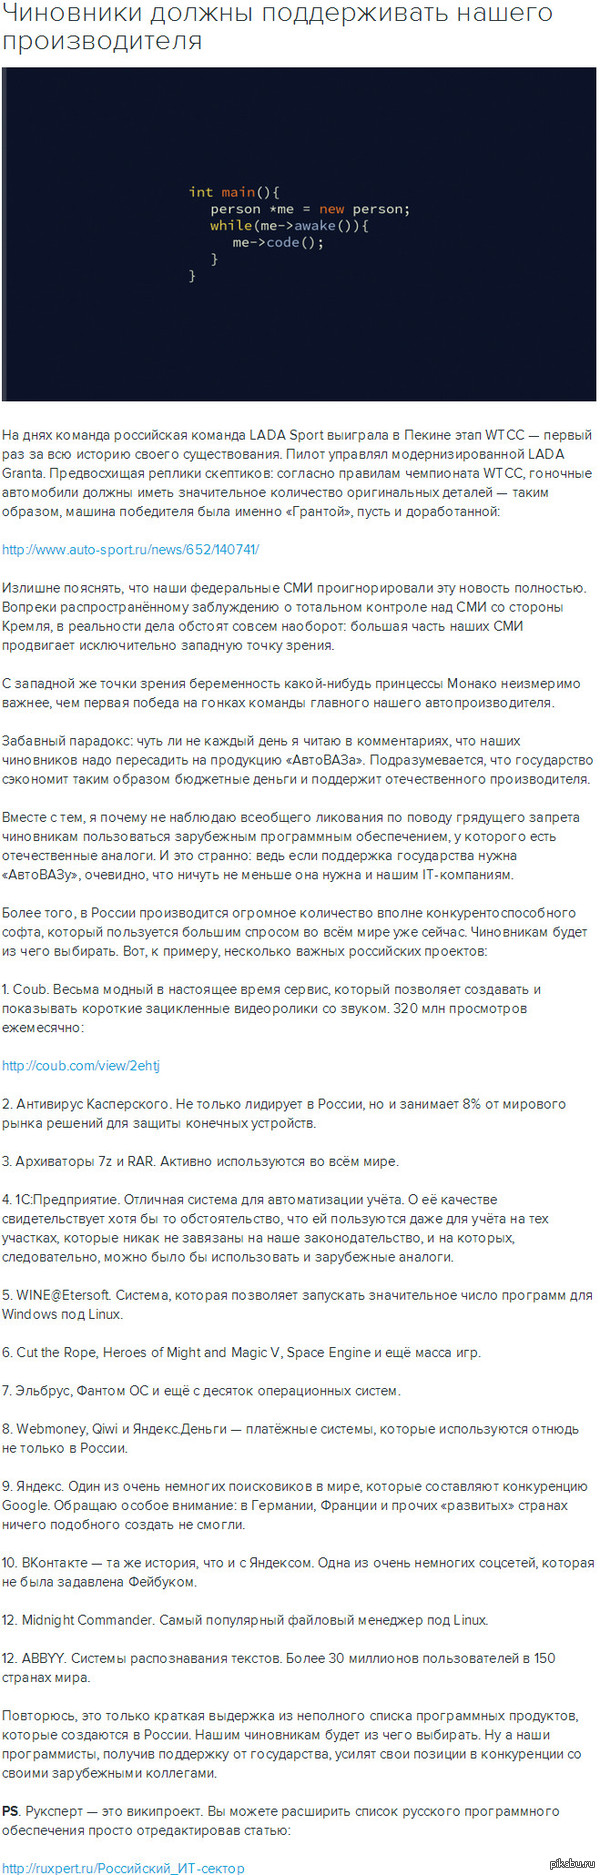 Российский_ИТ-сектор